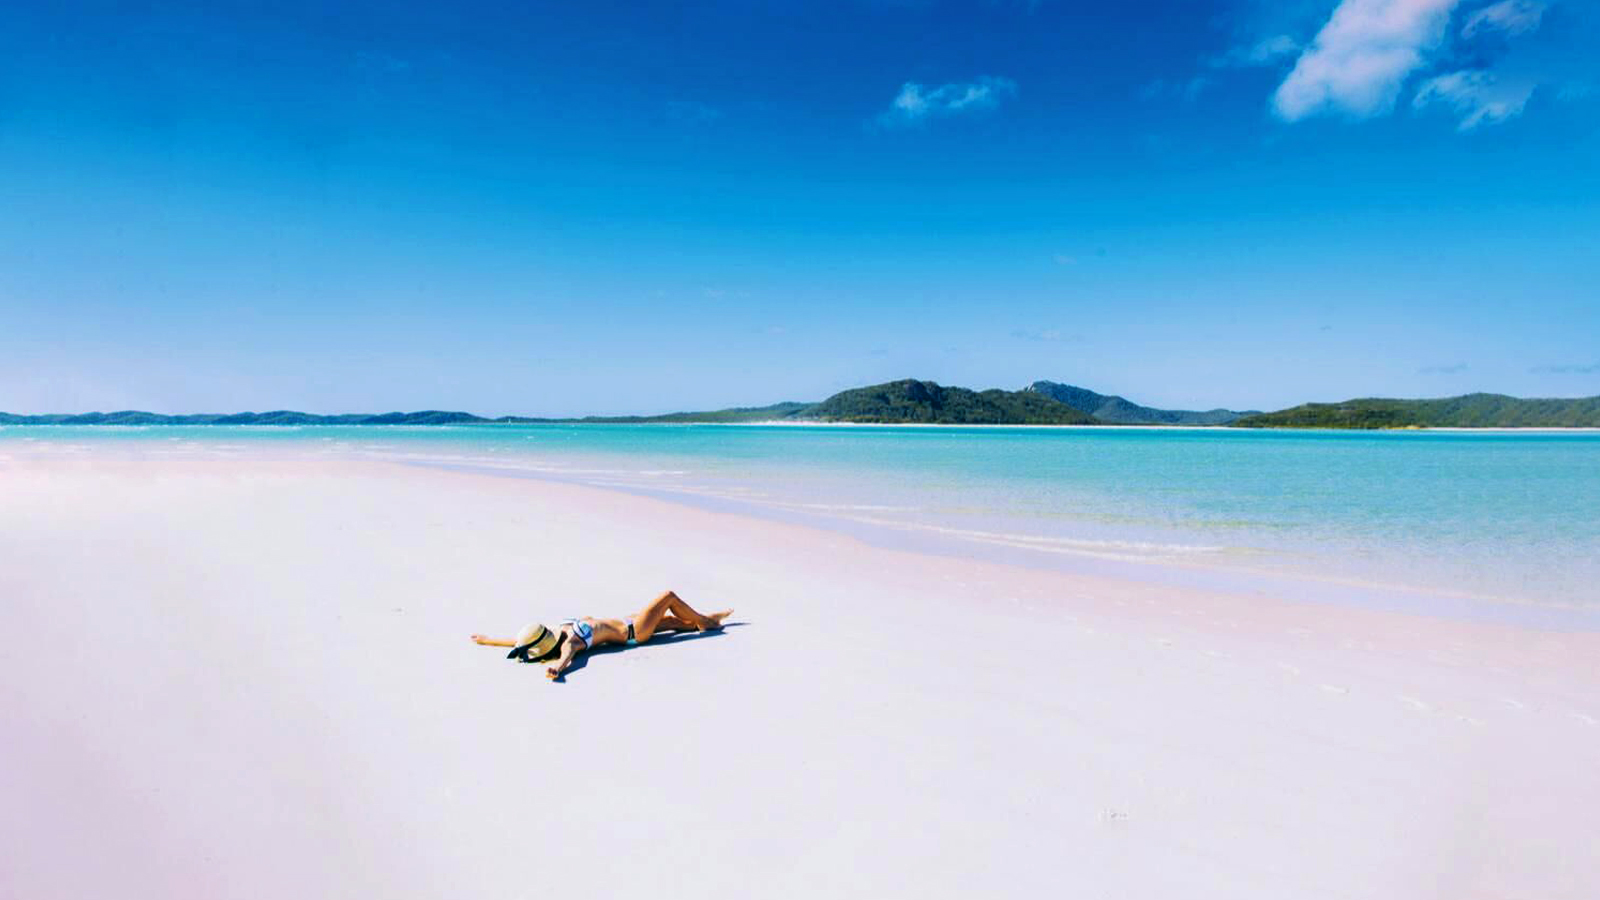 Whitehaven Beach Australien Reisen für junge Leute traveljunkies